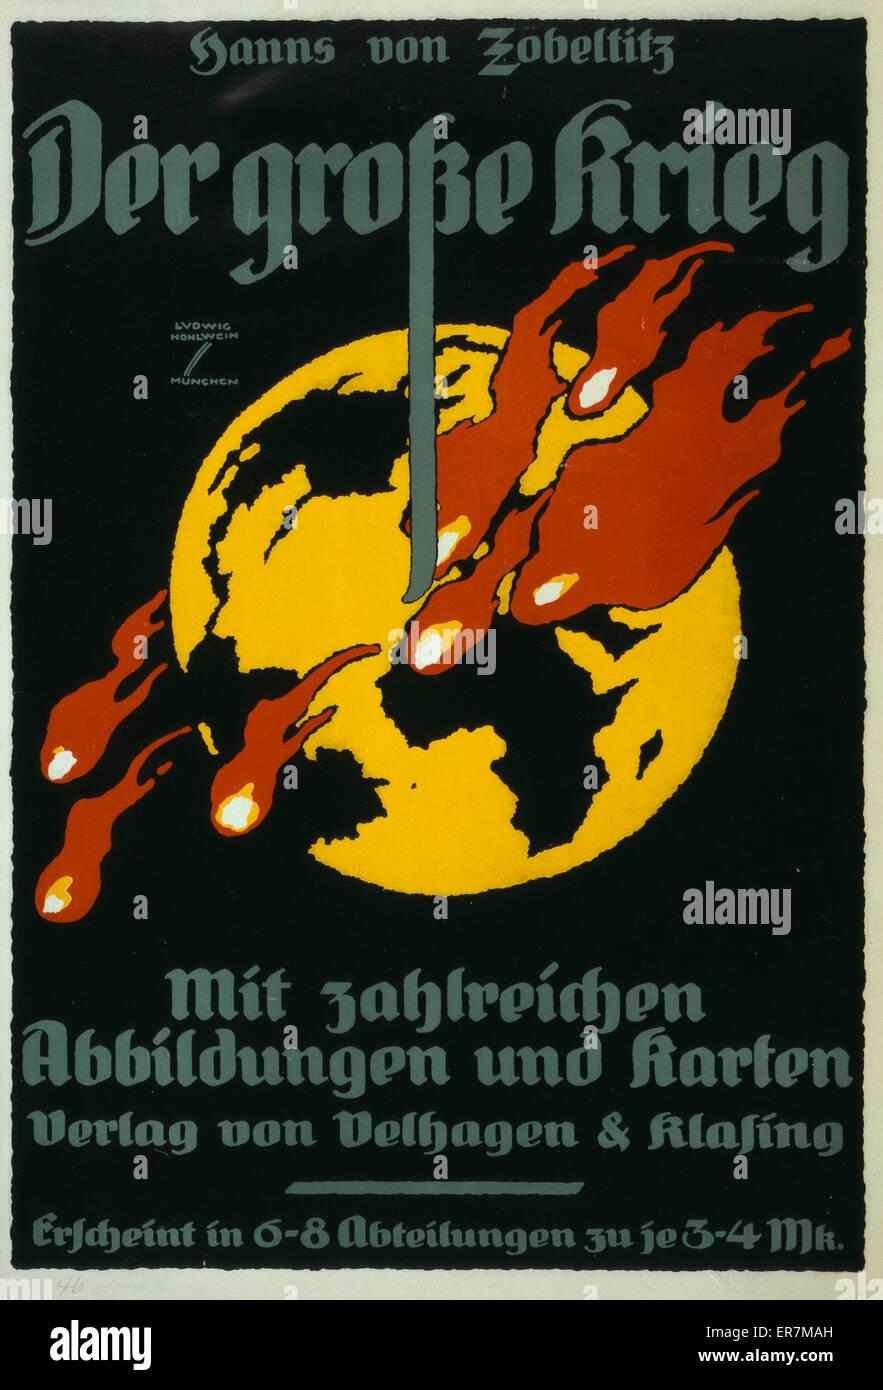 Der grosse Krieg, von Hanns von Zobeltitz, mit zahlreichen Abbildungen und Karten  Poster shows a view of Earth - Stock Image